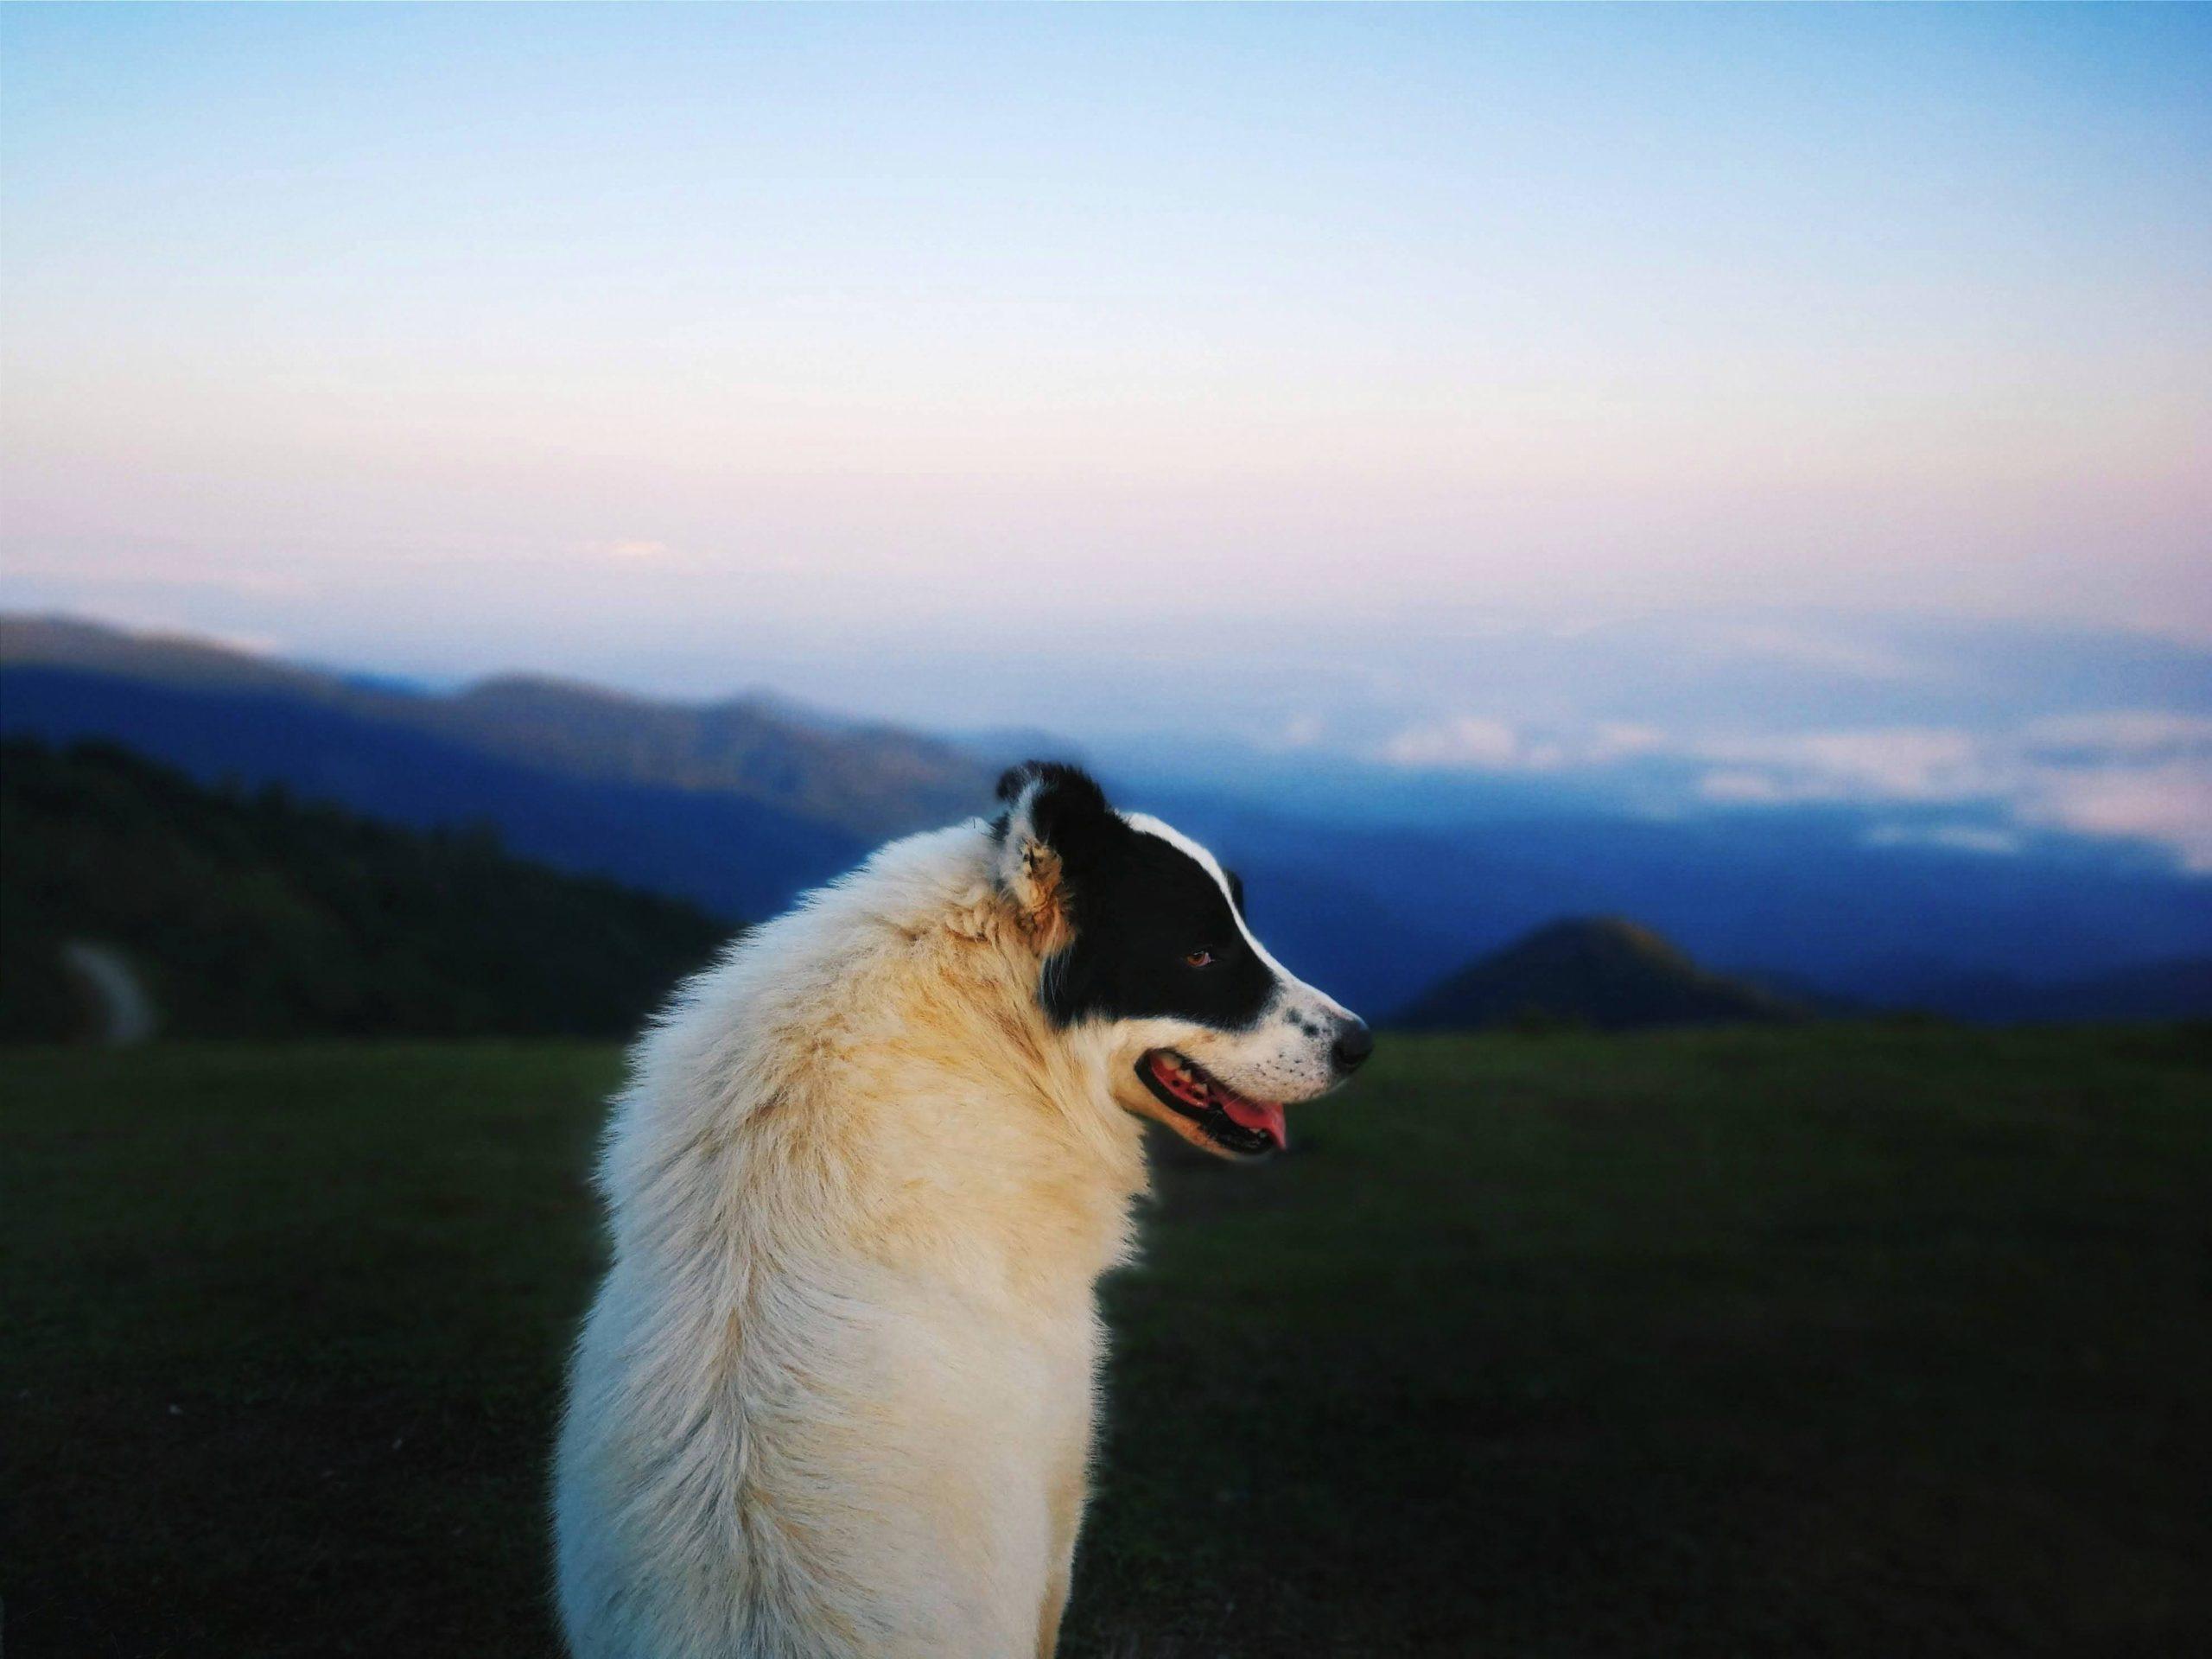 「風」持ち人間の90%は大体こじらせている説〜負け犬人生を脱するには〜